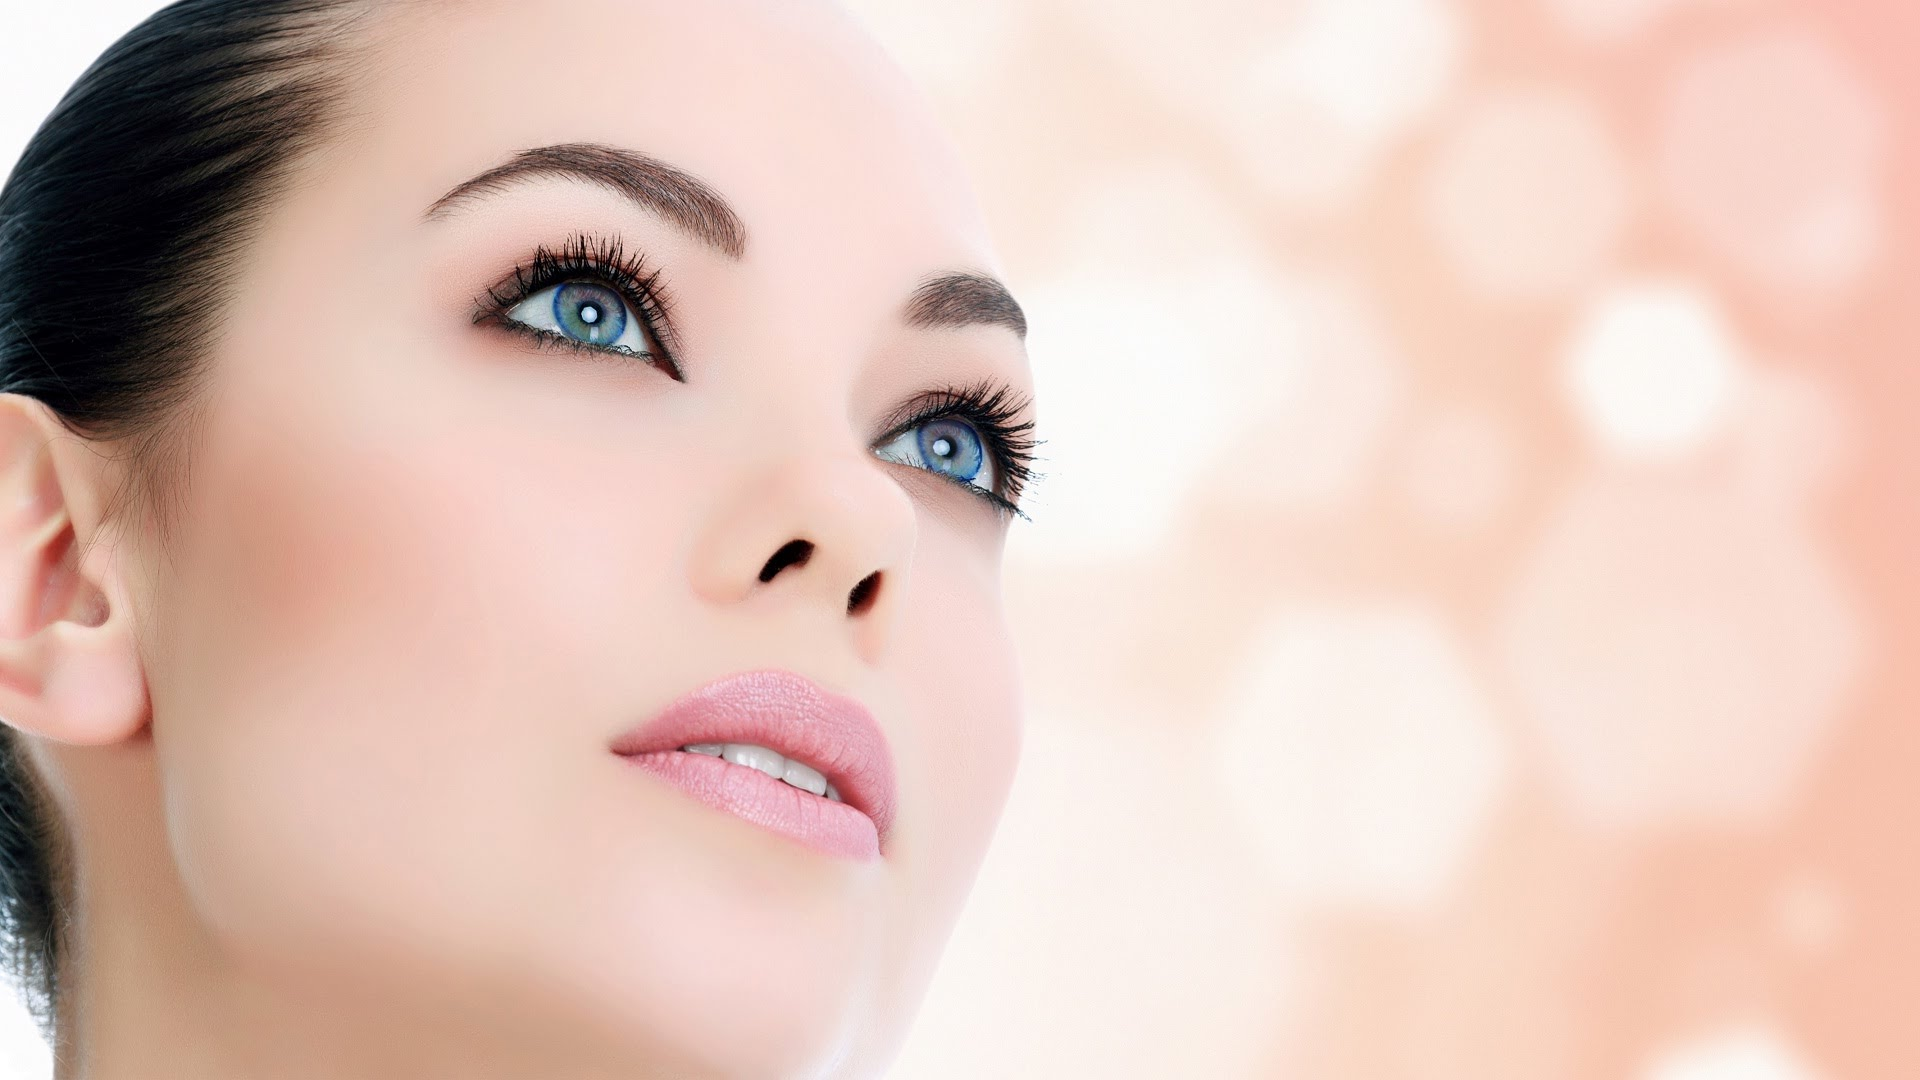 صور نضارة البشرة , كيف تحافظين على نضارة بشرتك والاعتناء بها